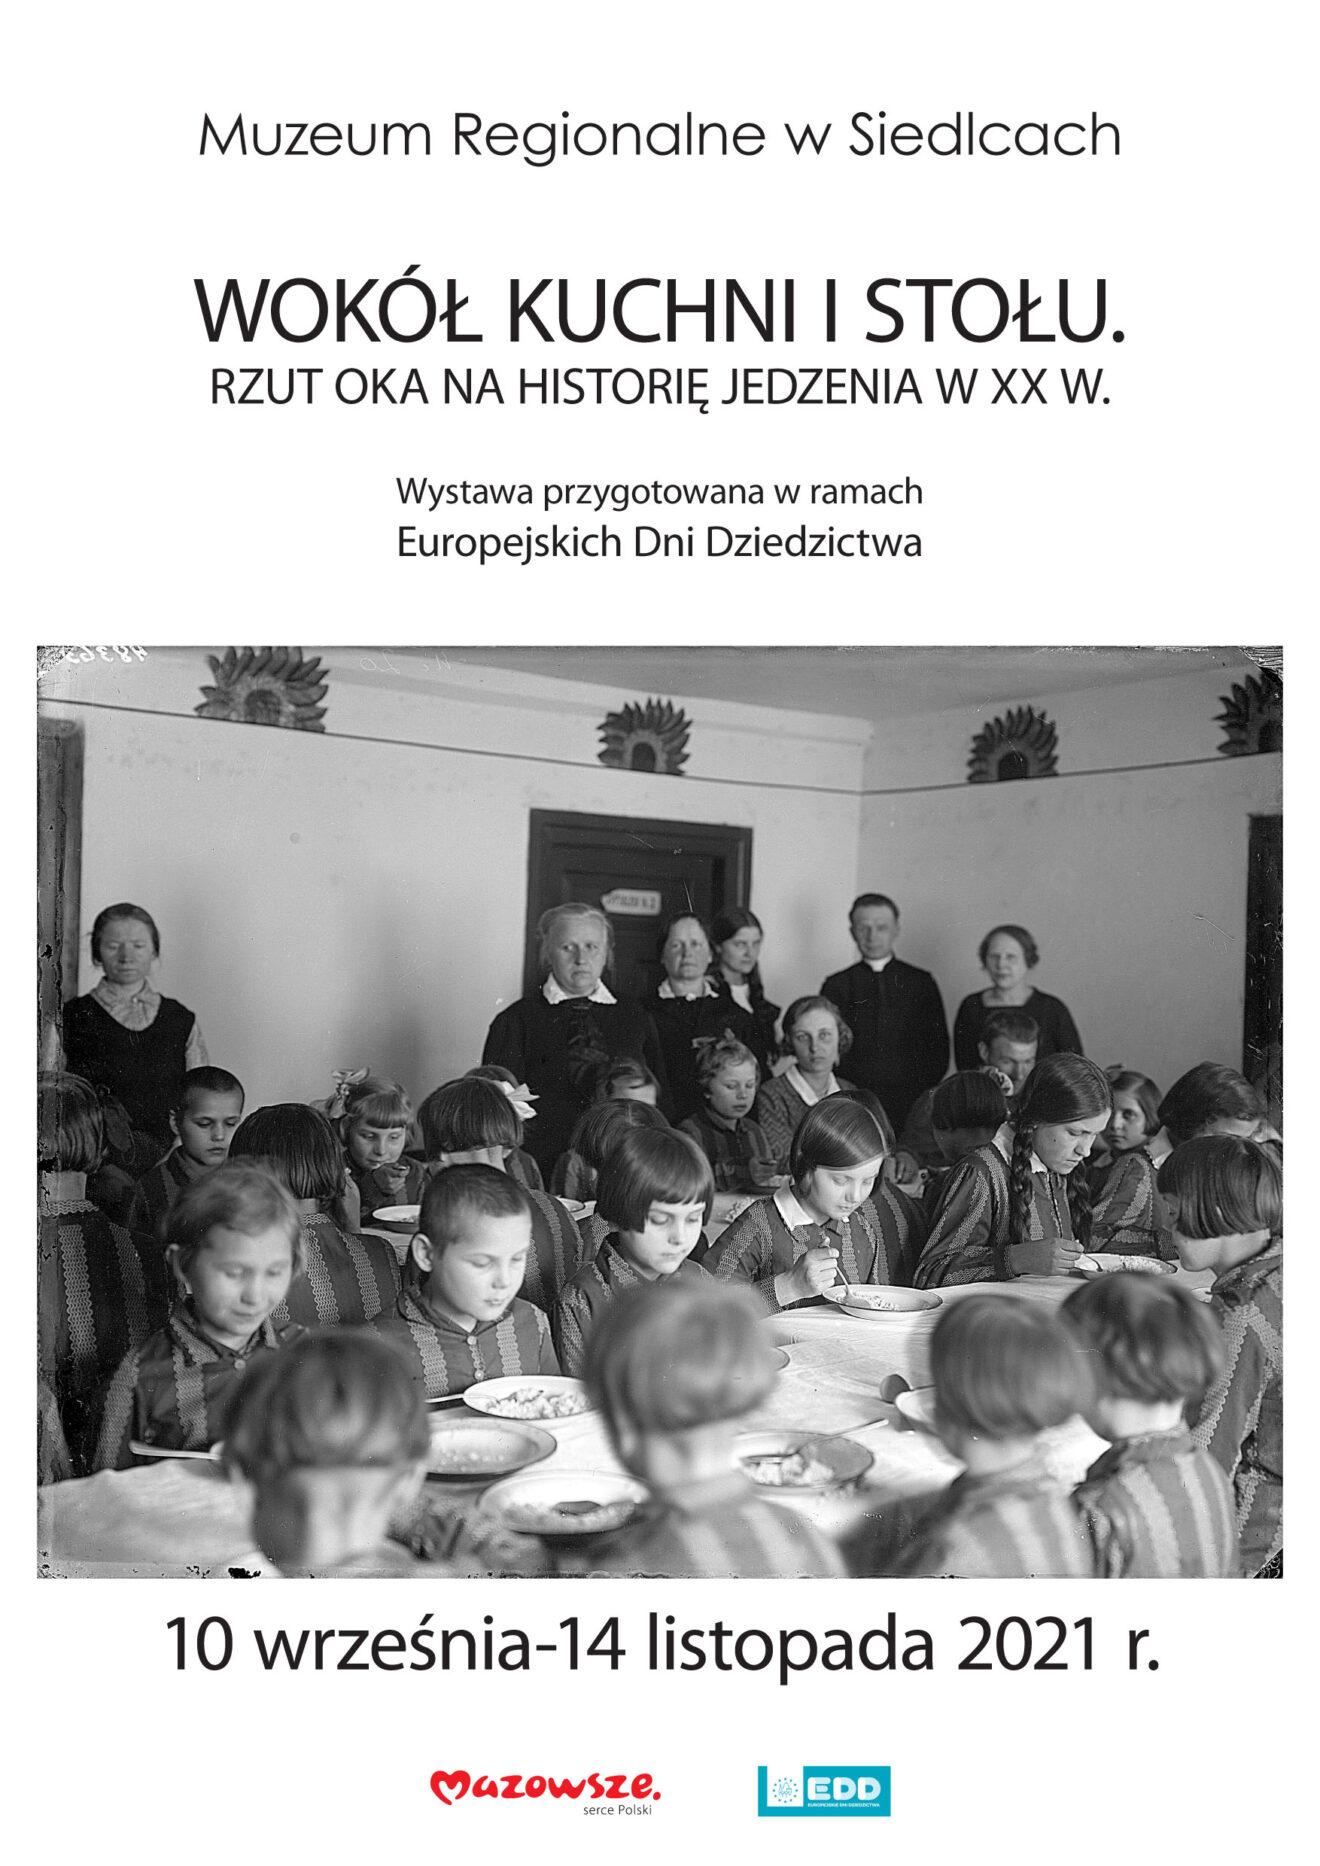 Afisz wystawy z fotografią czarno-białą przedstawiającą grupę osób przy stołach